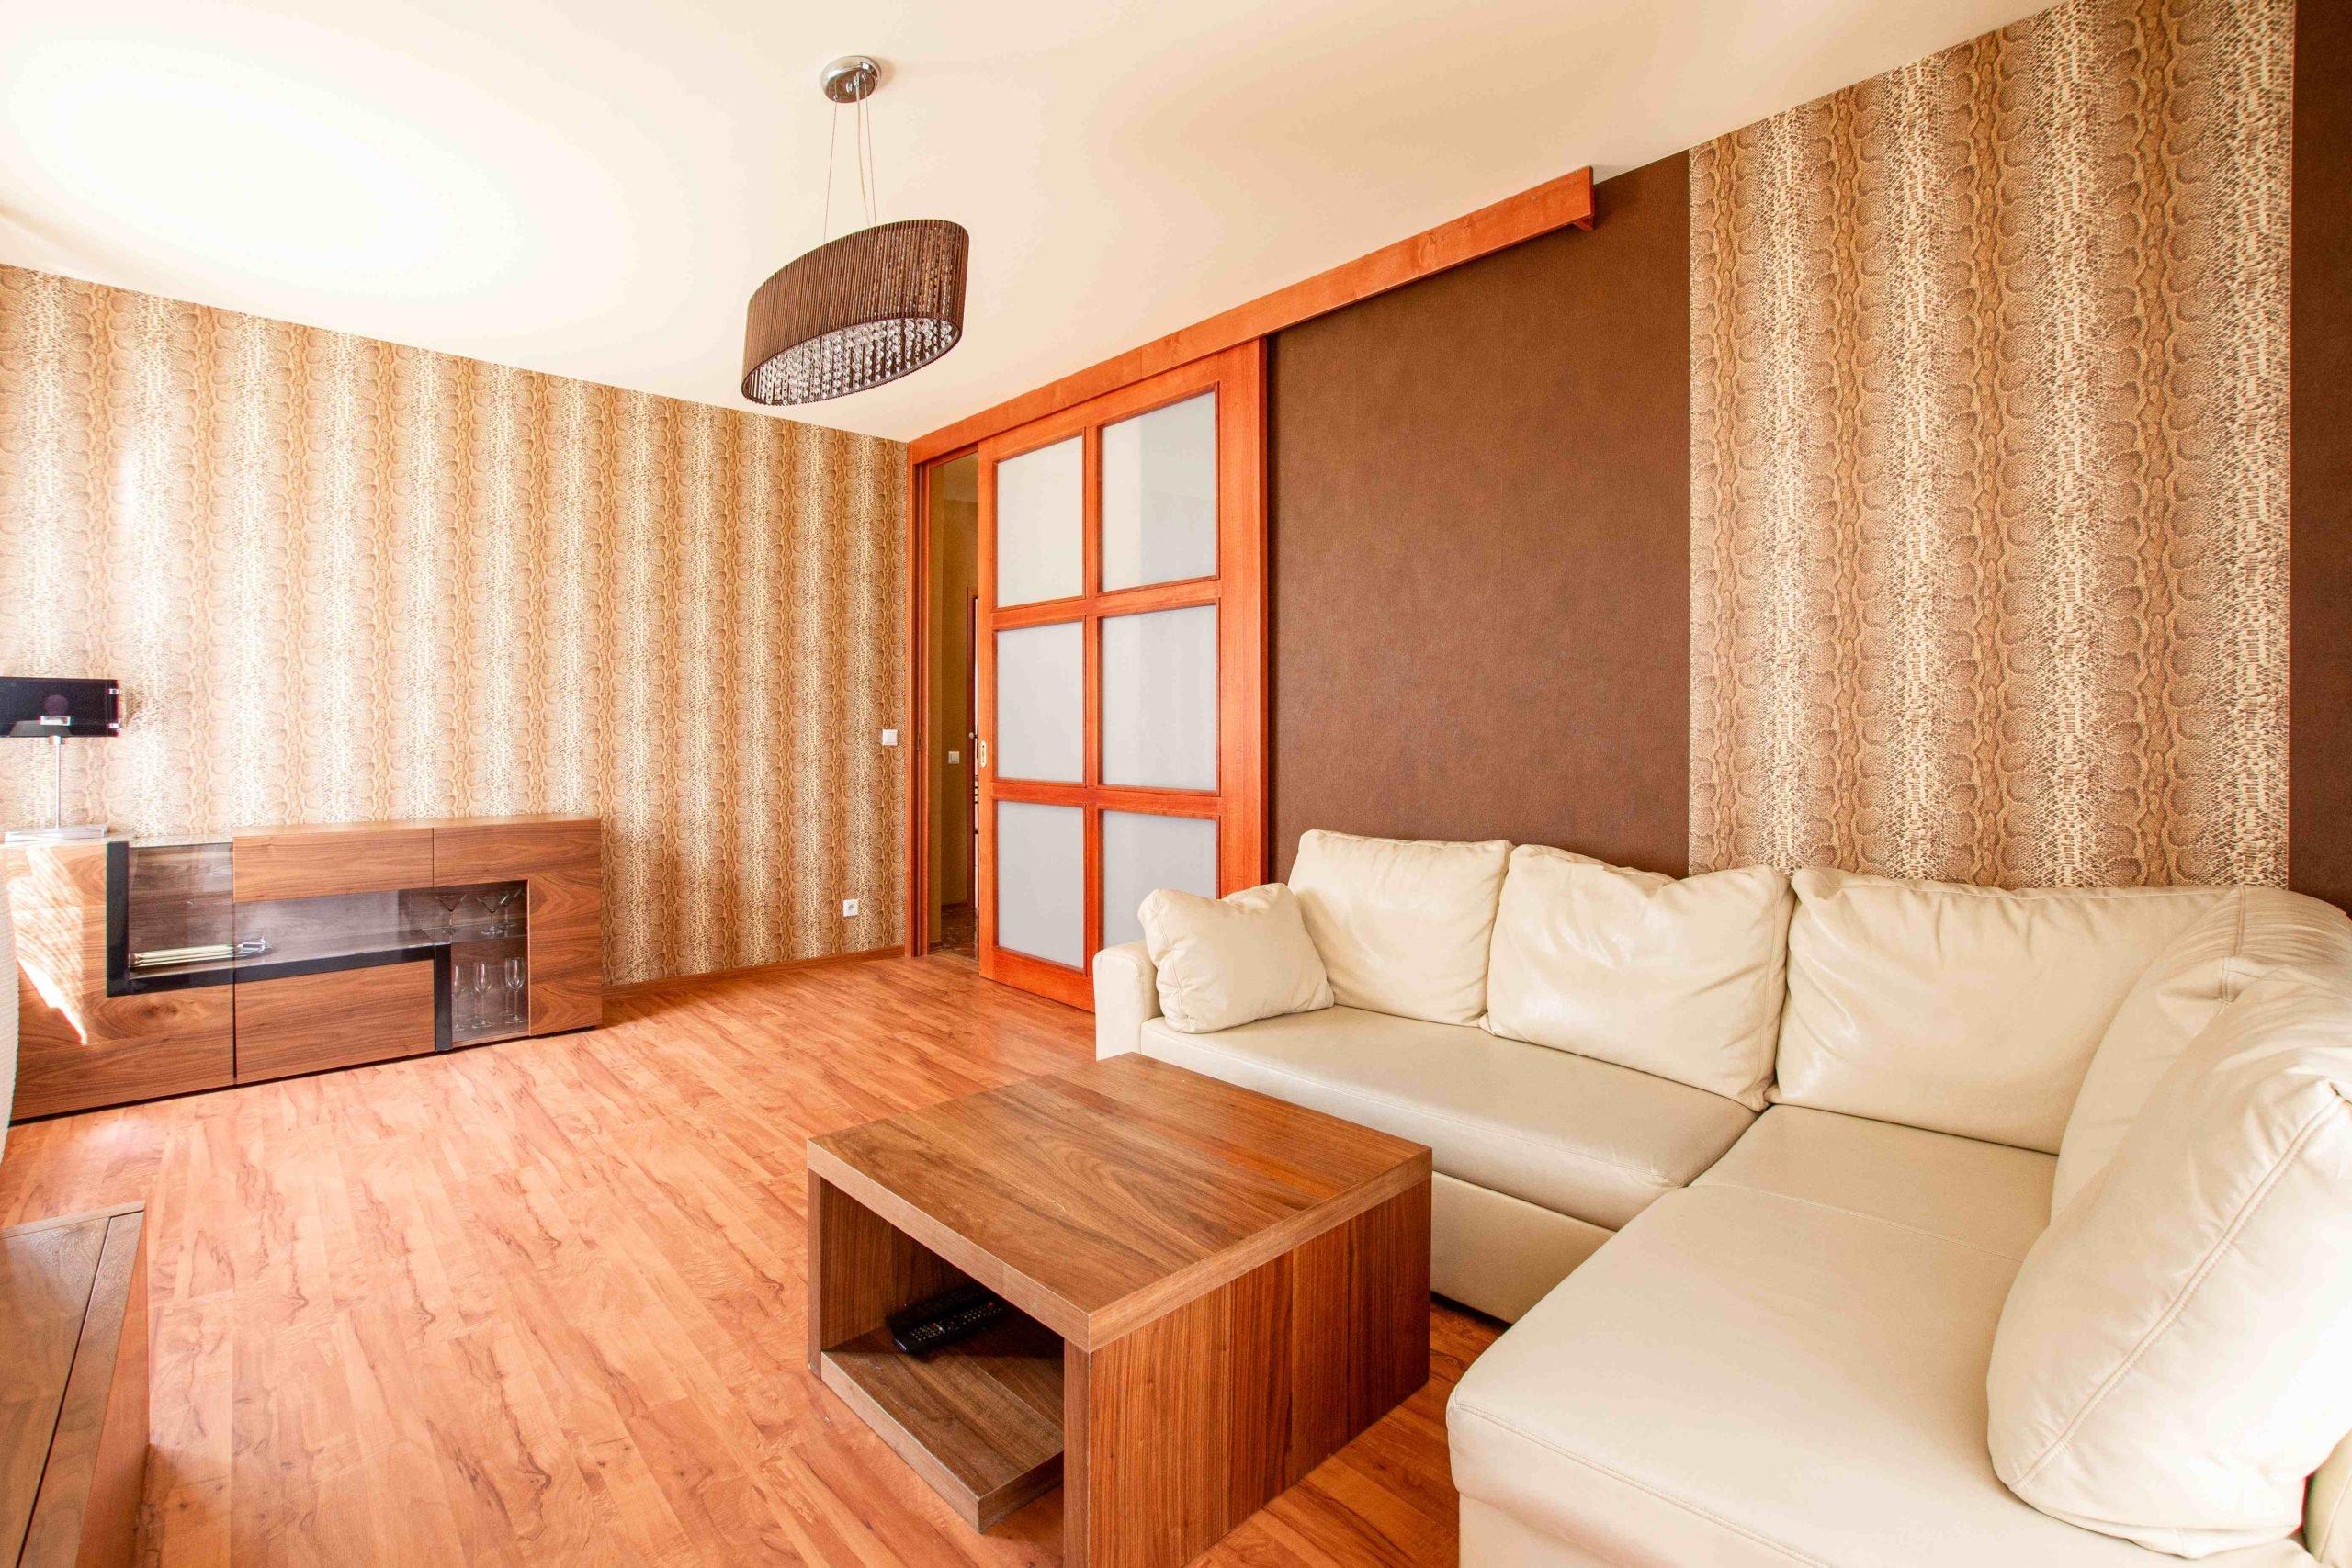 Wygodne mieszkanie 2-pokojowe na wynajem, ul. Karpia, Naramowice, Poznań